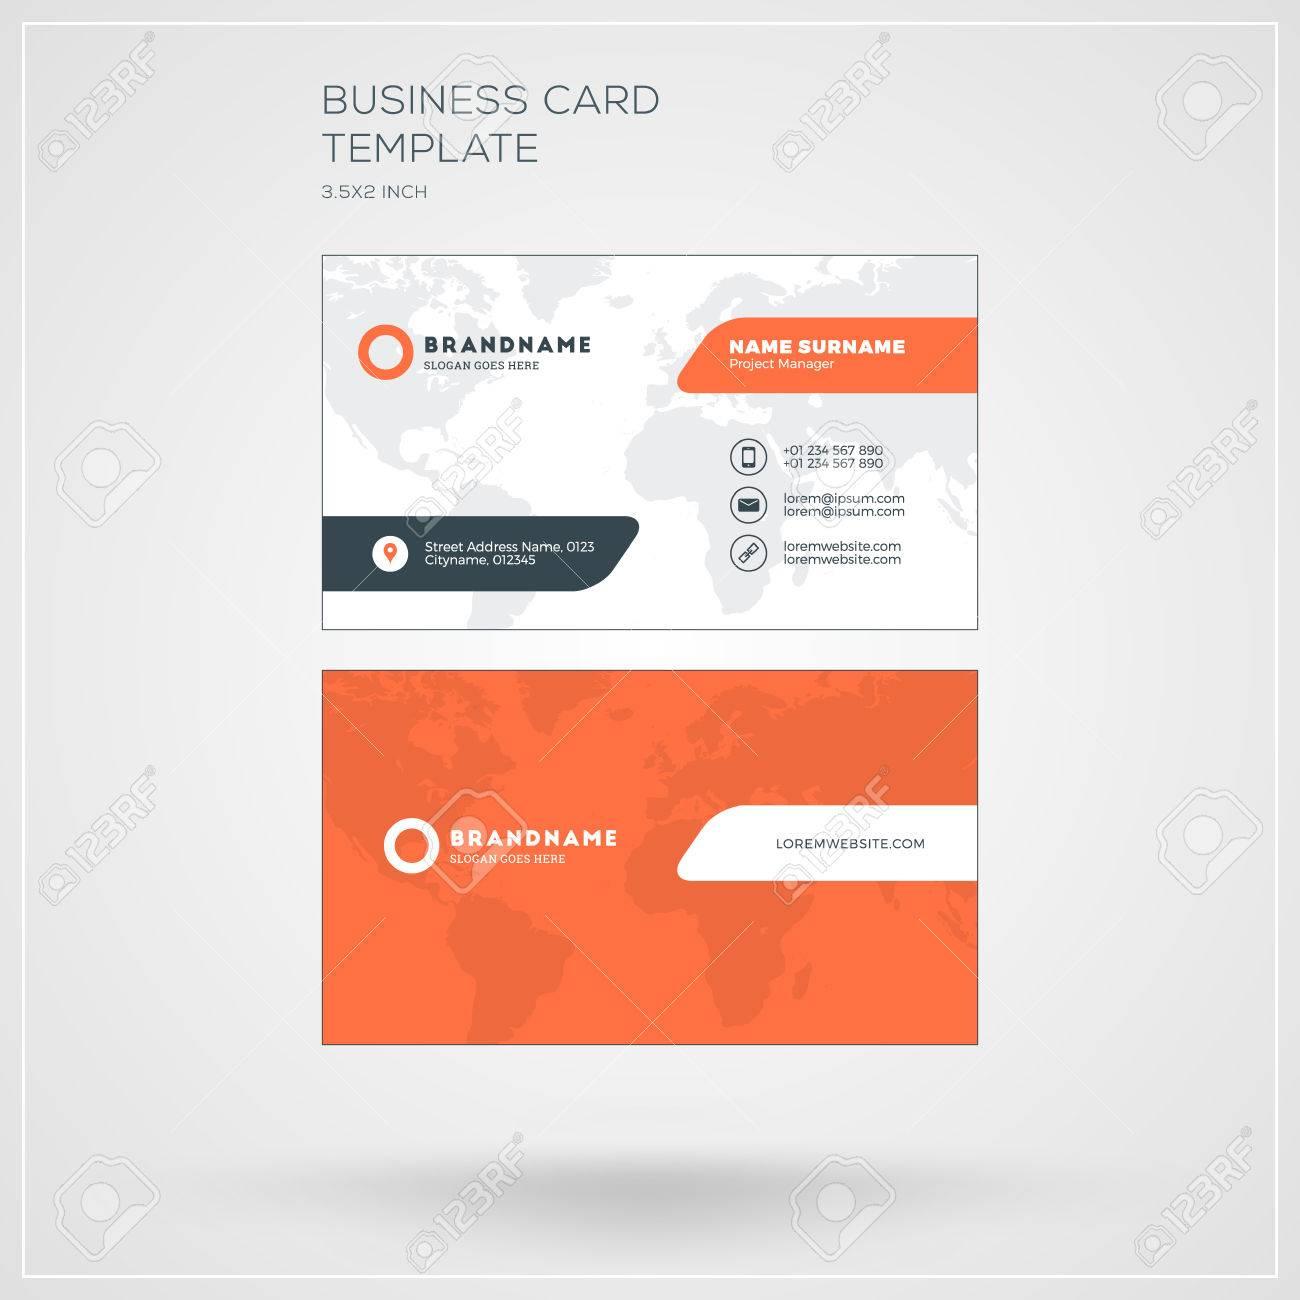 Visitenkarte Druckvorlage Personliche Mit Company Saubere Wohnung Entwurf Vektor Illustration Standard